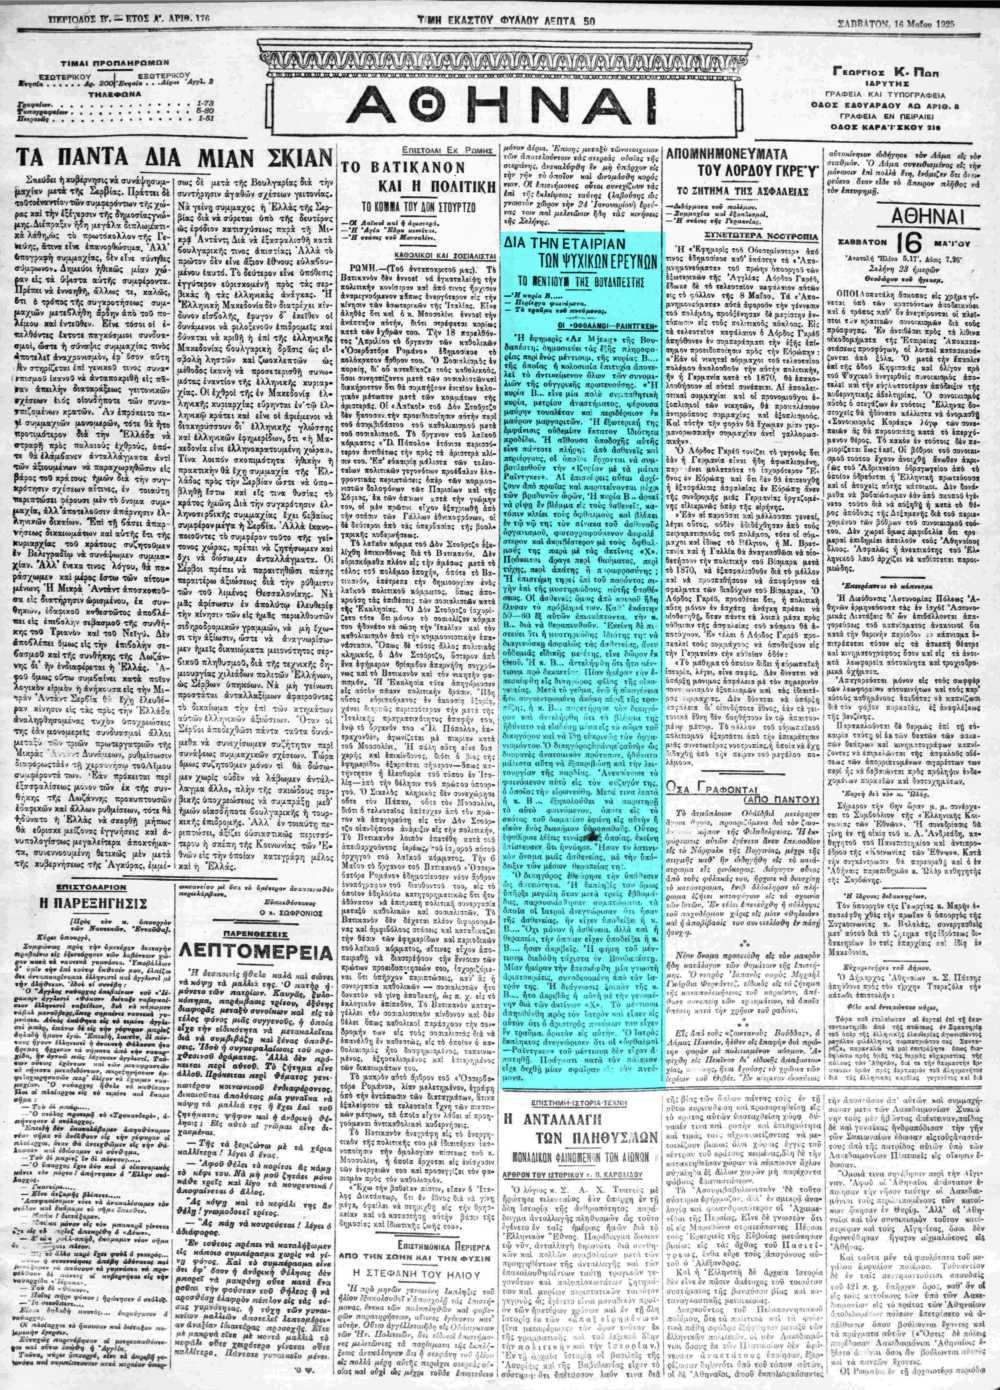 """Το άρθρο, όπως δημοσιεύθηκε στην εφημερίδα """"ΑΘΗΝΑΙ"""", στις 16/05/1925"""